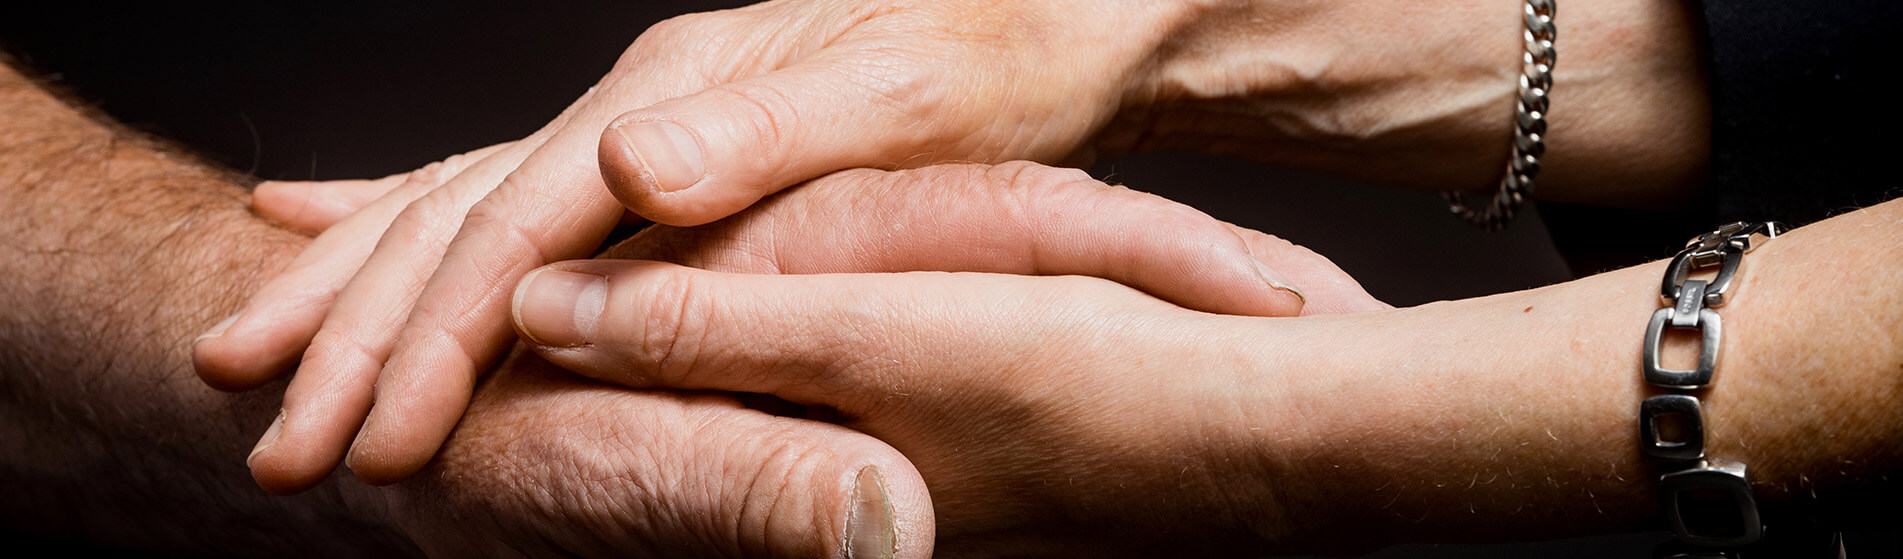 bestattungen-wenn-eine-hand-die-andere-hält